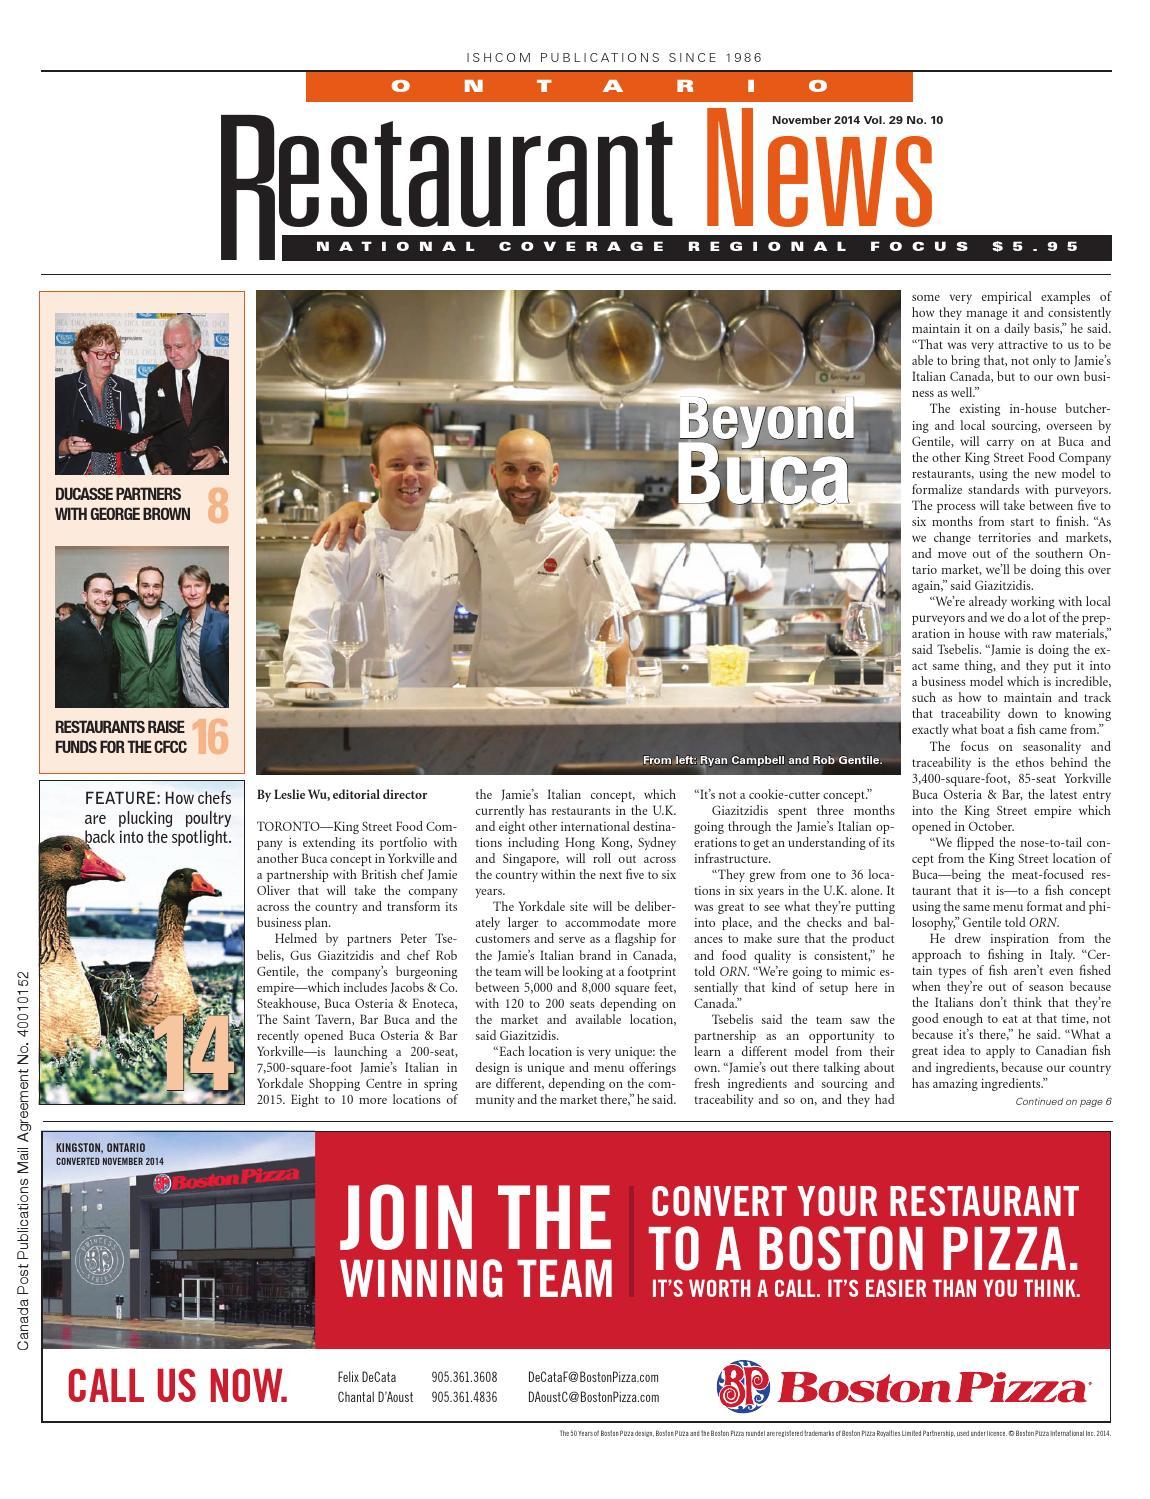 Ontario Restaurant News - November 2014 by Ishcom Publications - issuu